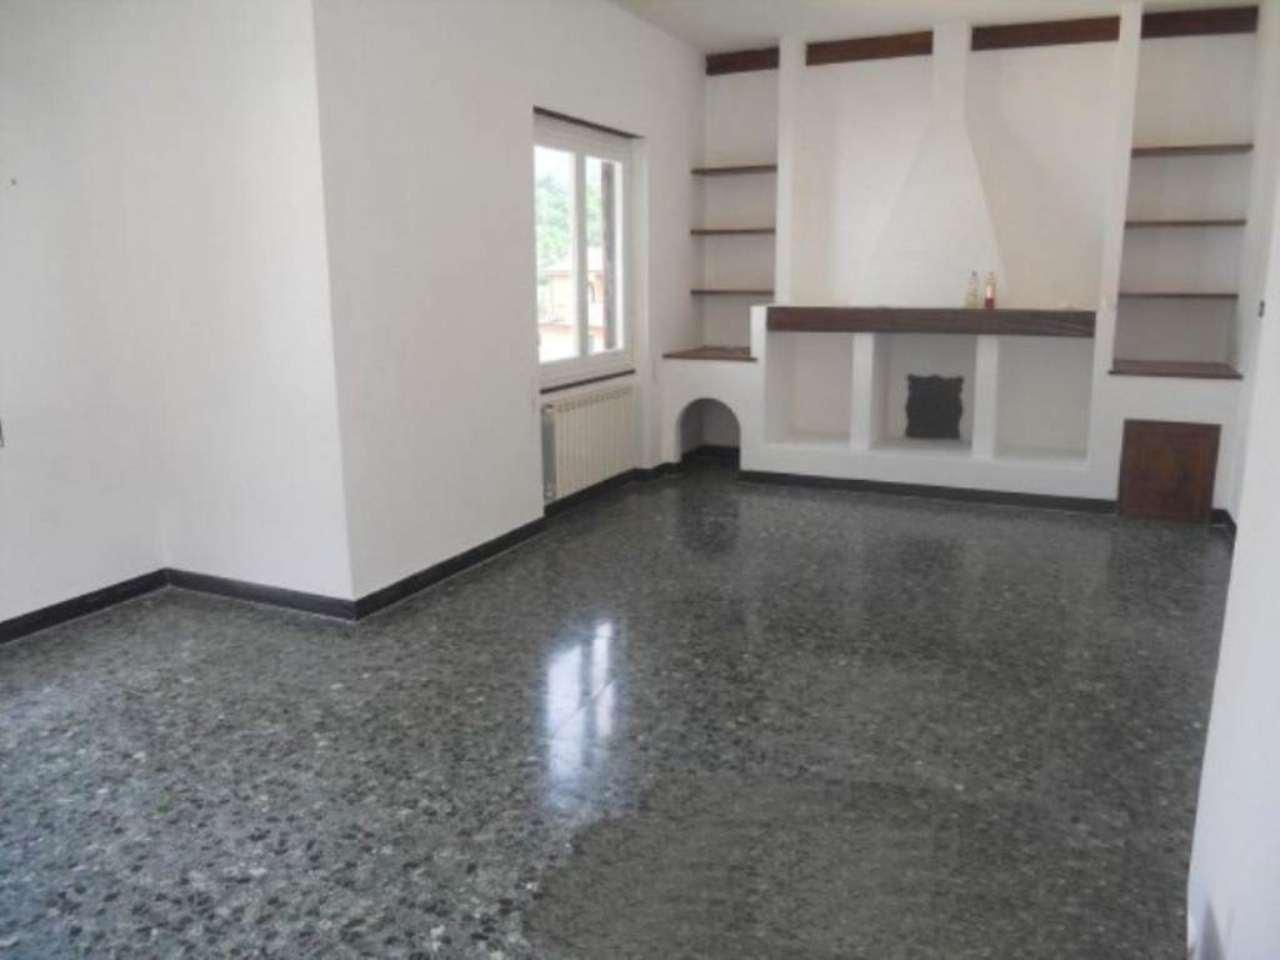 Appartamento in vendita a Moconesi, 4 locali, prezzo € 125.000 | Cambio Casa.it